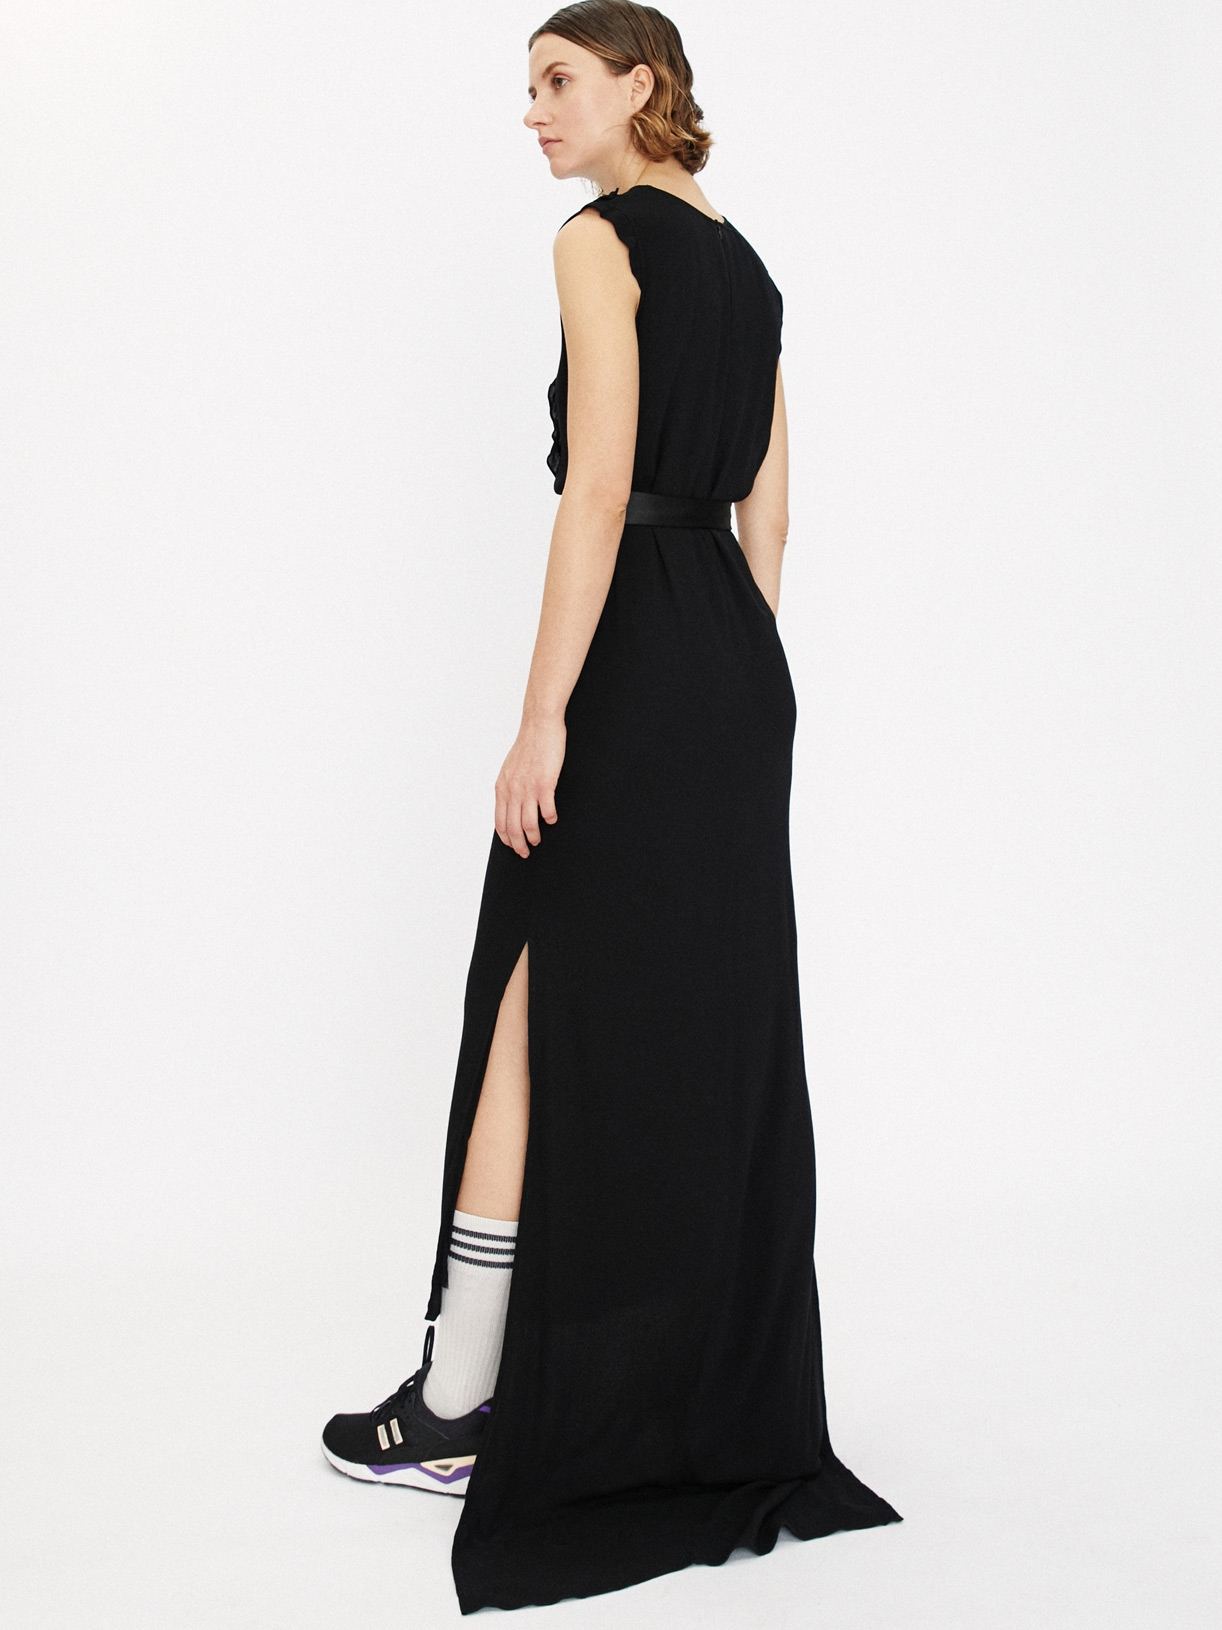 Robe de soirée fourreau noire longue et fendue éthique et sur-mesure CHLOÉ - Myphilosophy